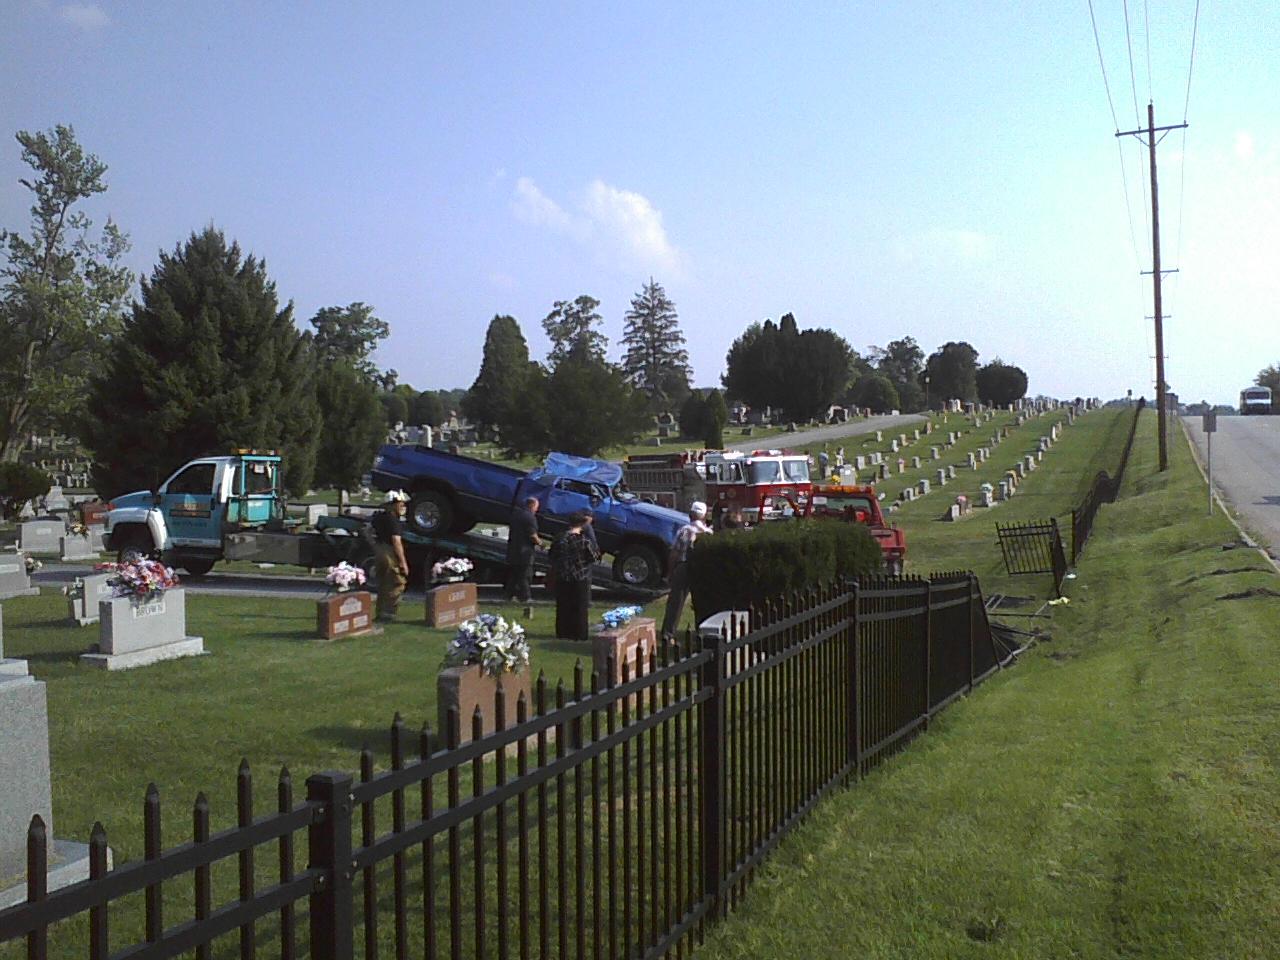 Overturned Truck In Cemetery #2 - 8-27-2009.jpg